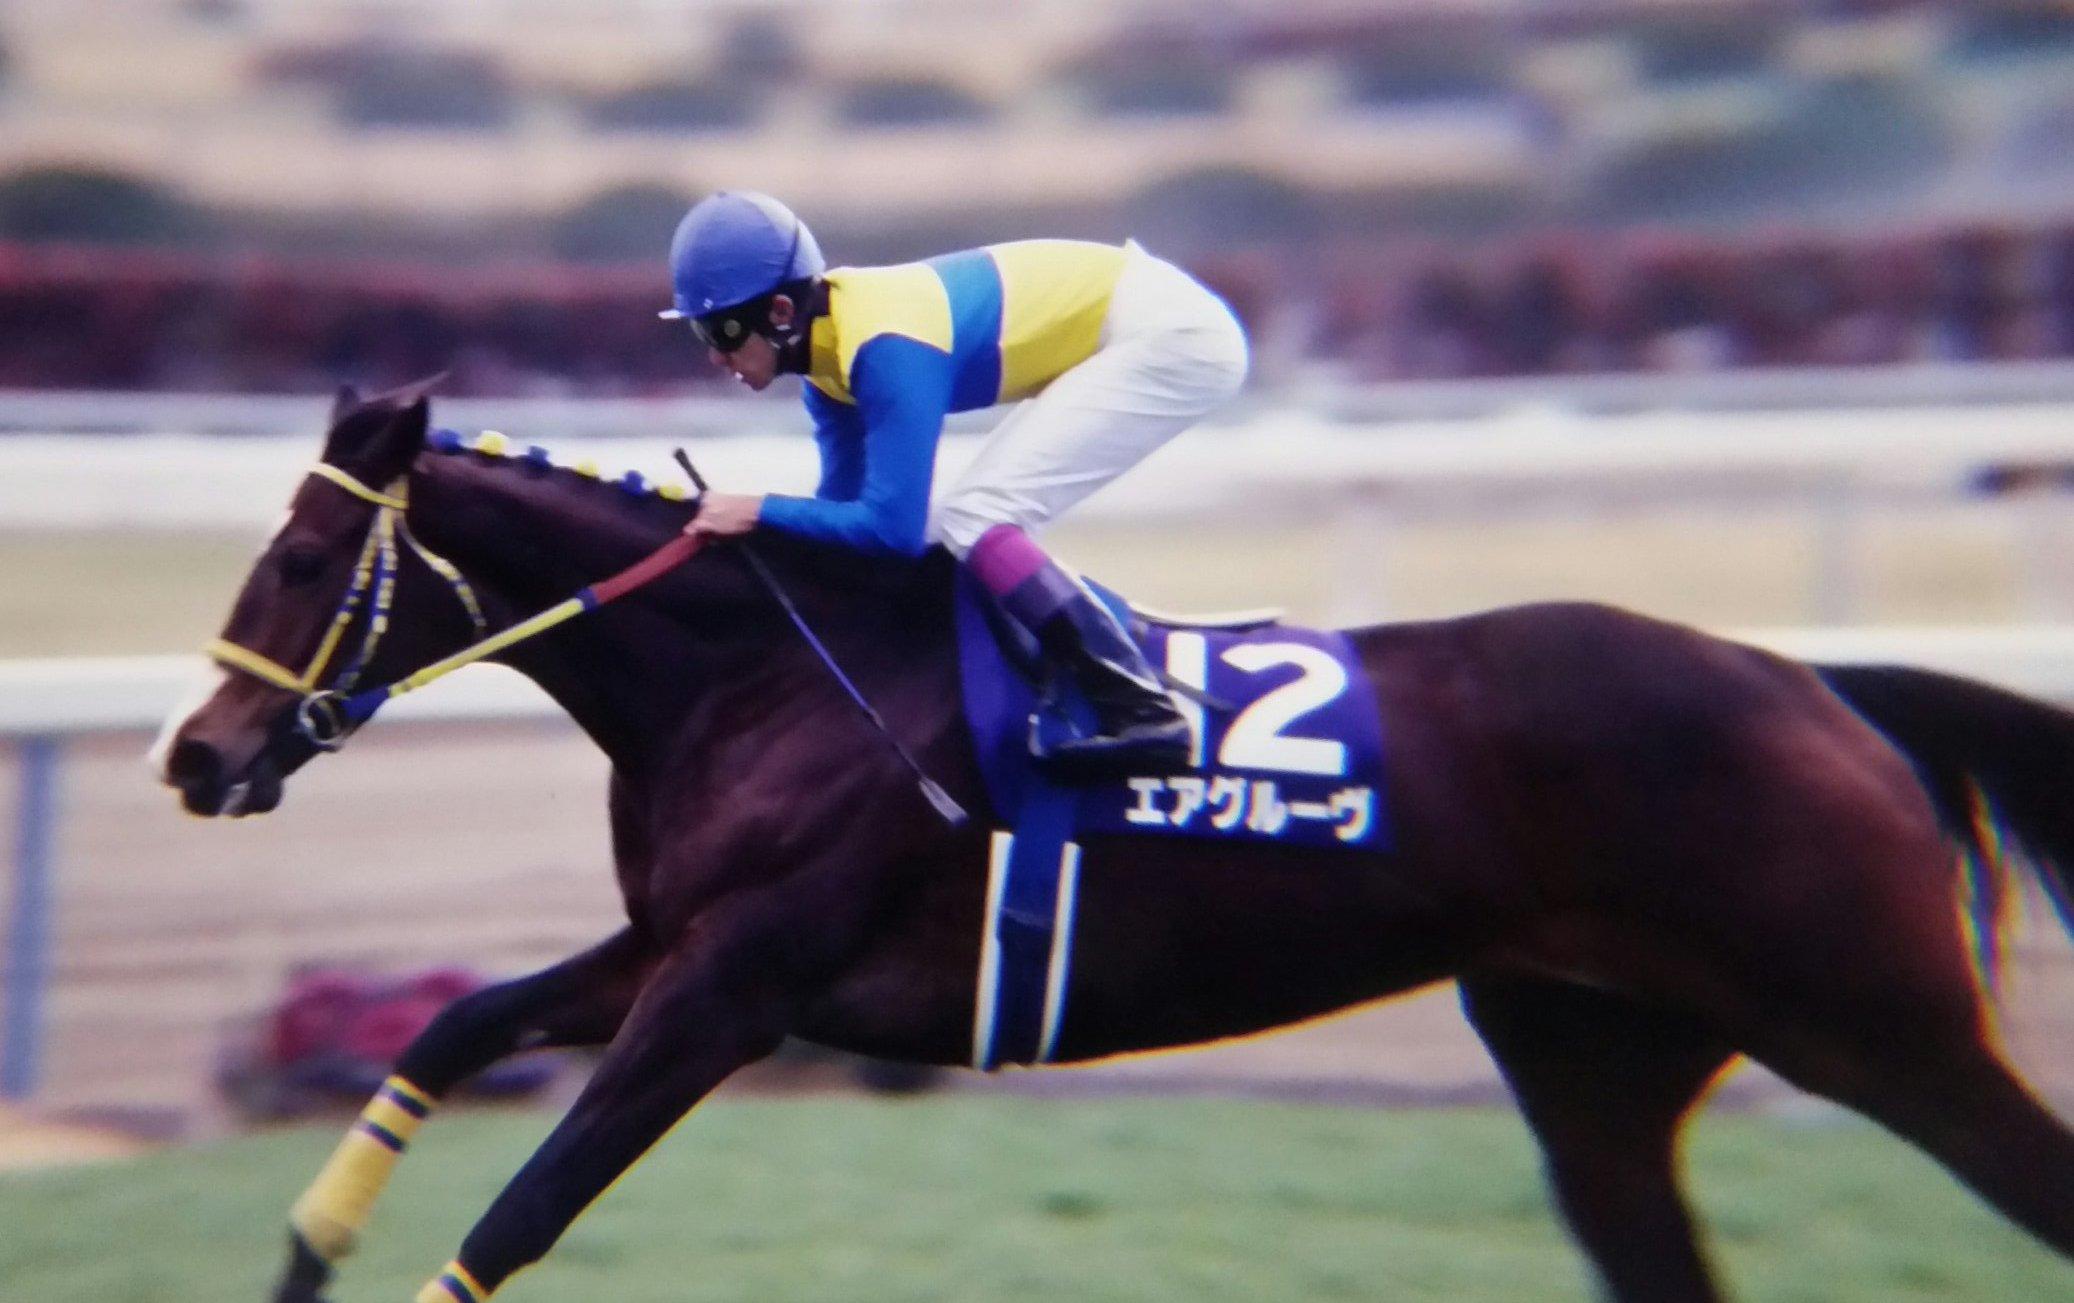 エアグルーヴとビワハイジが切り拓いた牝馬の未来 1996年・チューリップ賞